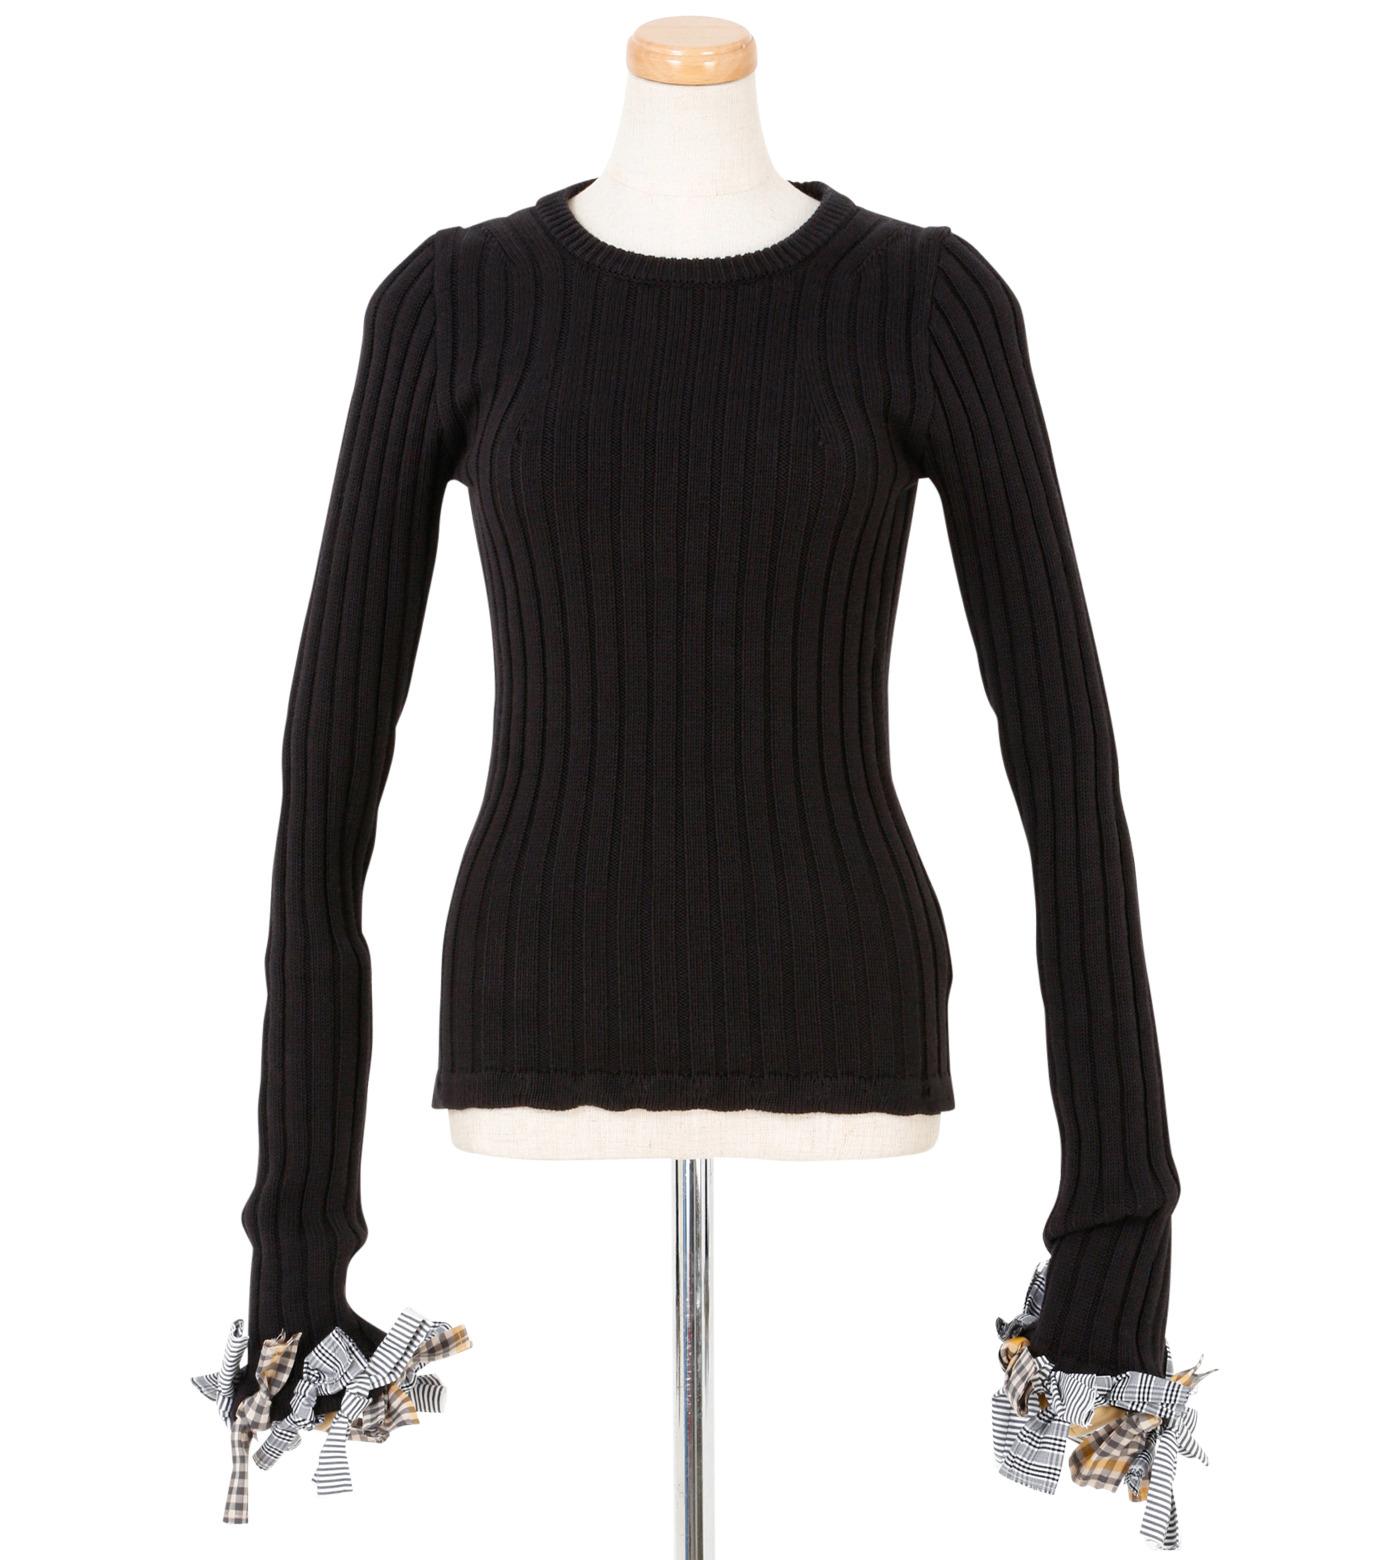 IRENE(アイレネ)のファブリックリボンニット-BLACK(ニット/knit)-19S81005 拡大詳細画像1